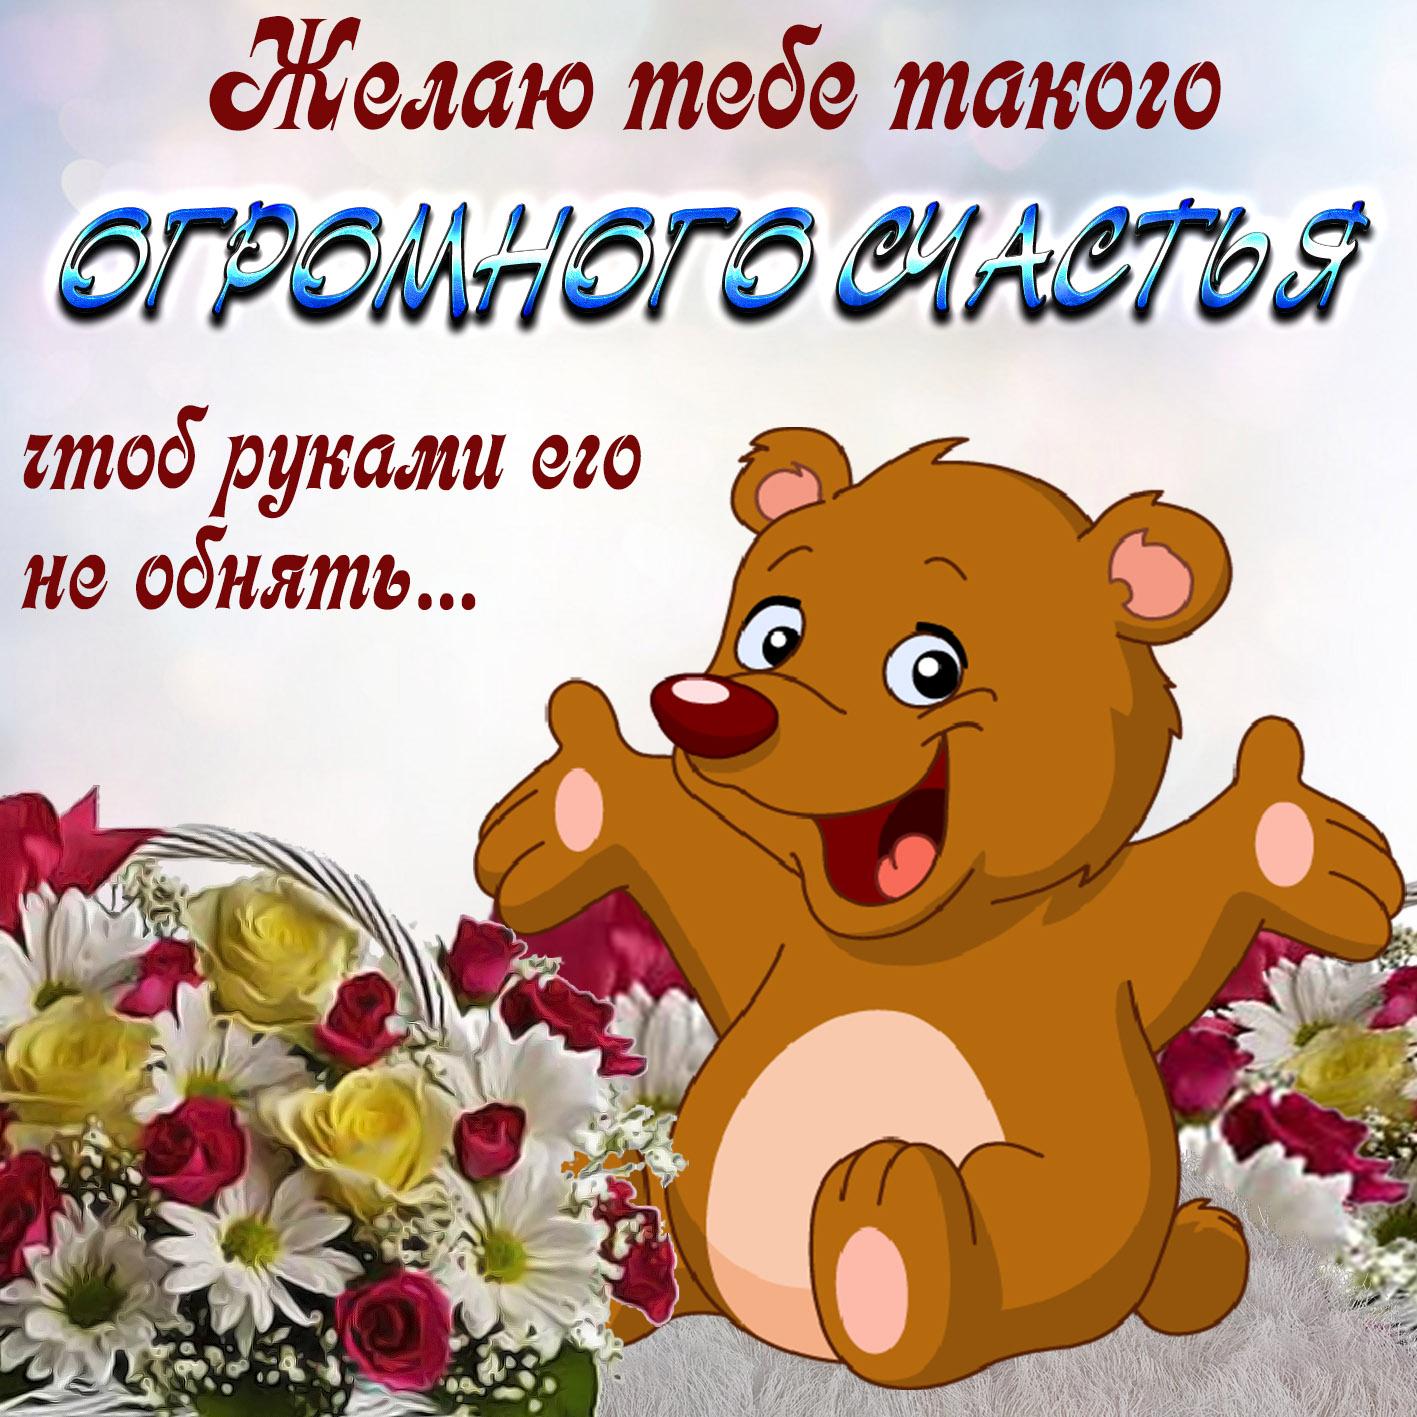 картинки с пожеланиями счастья и хорошего дня праслин славится